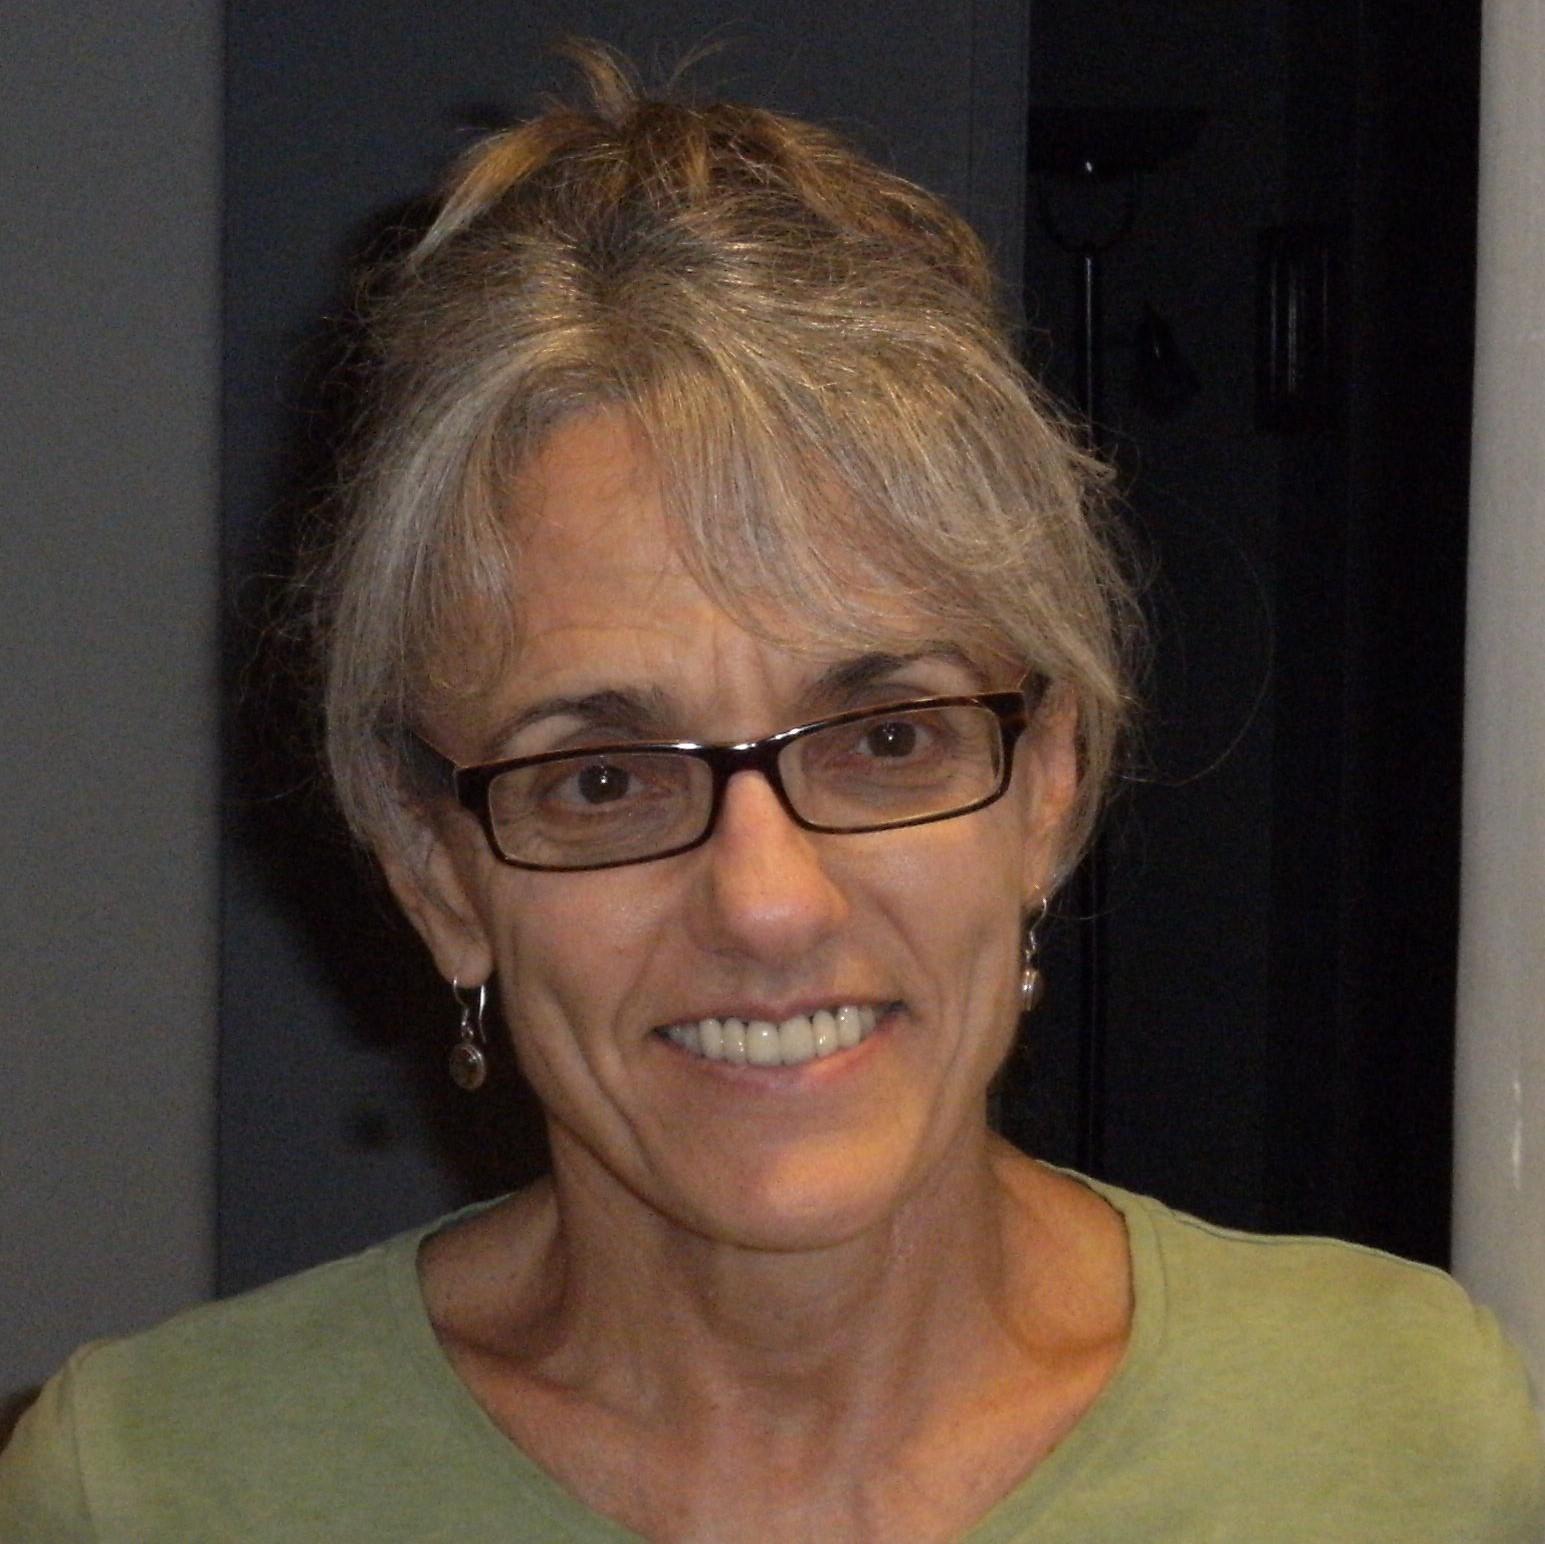 Debbie Wechsler